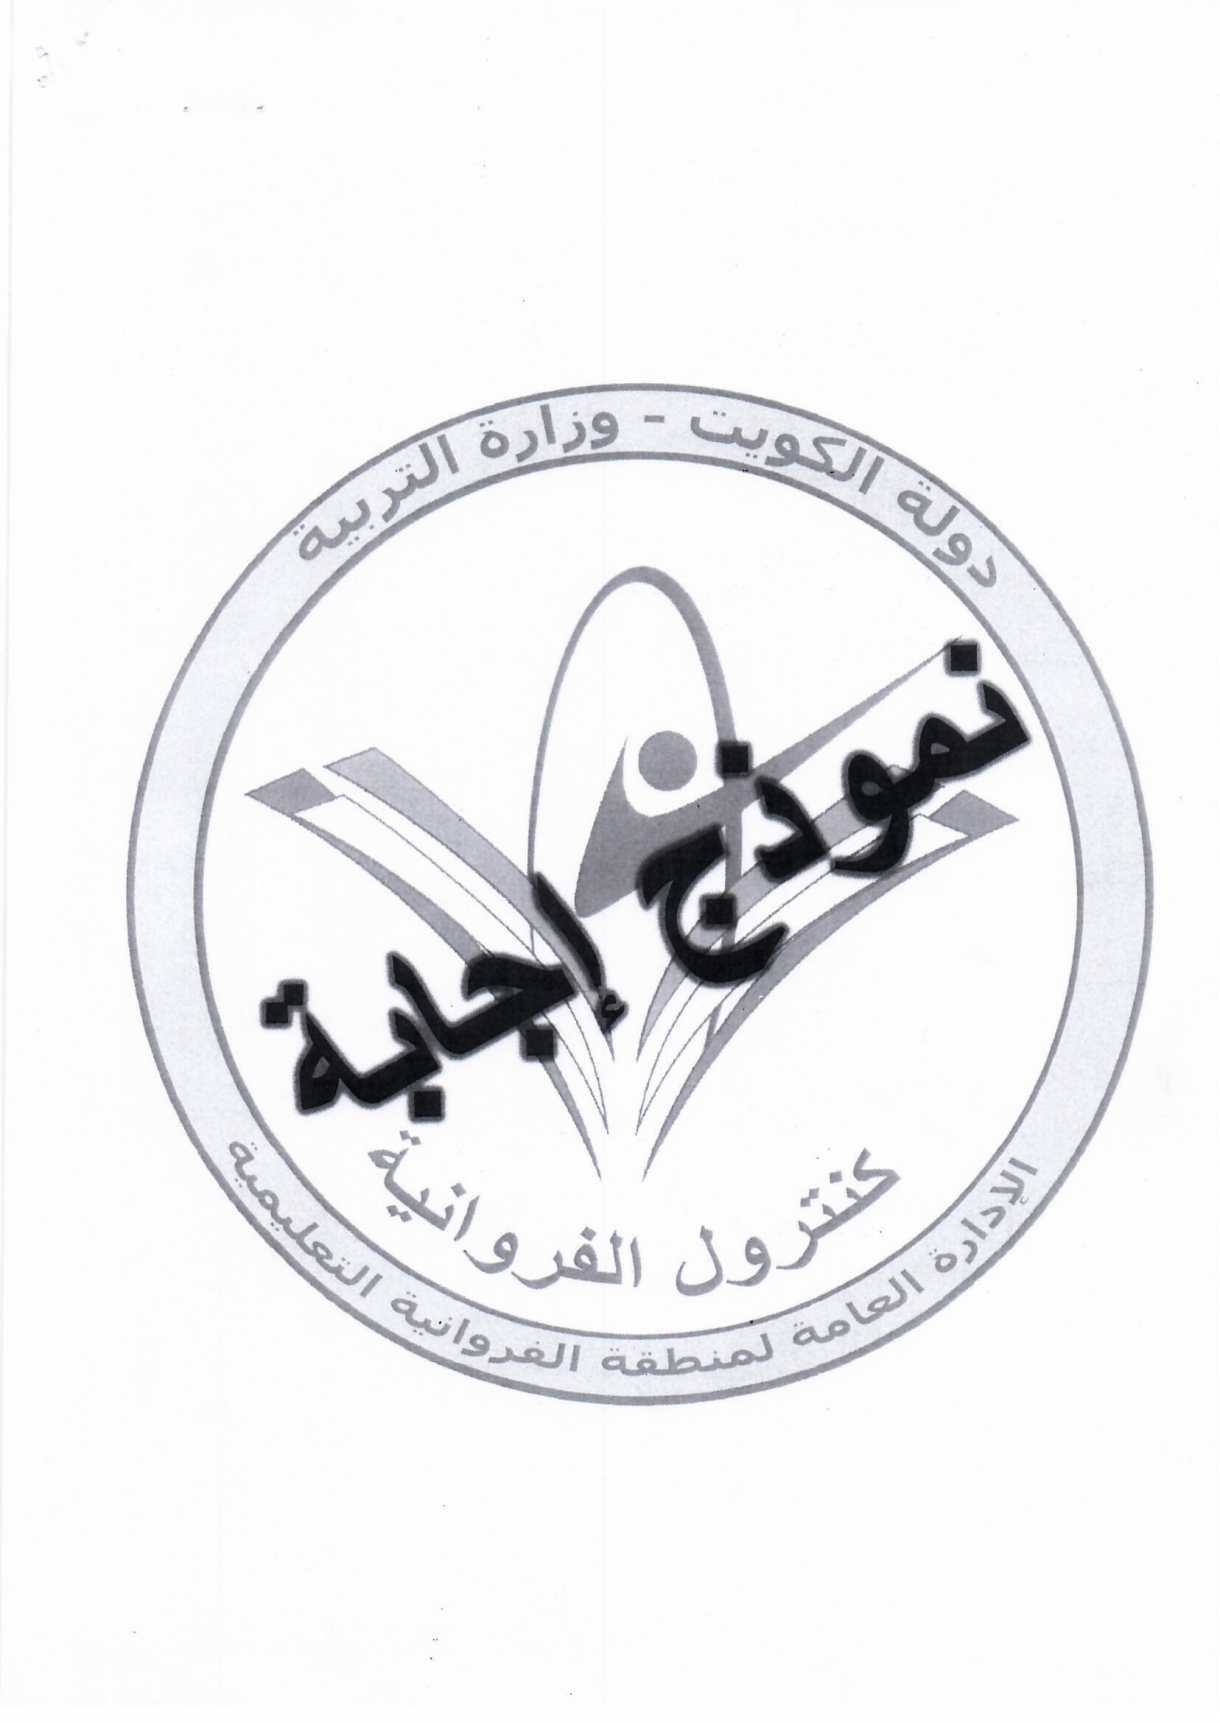 نموذج اجابة اختبار مادة اللغة العربية الثامن الفصل الثاني